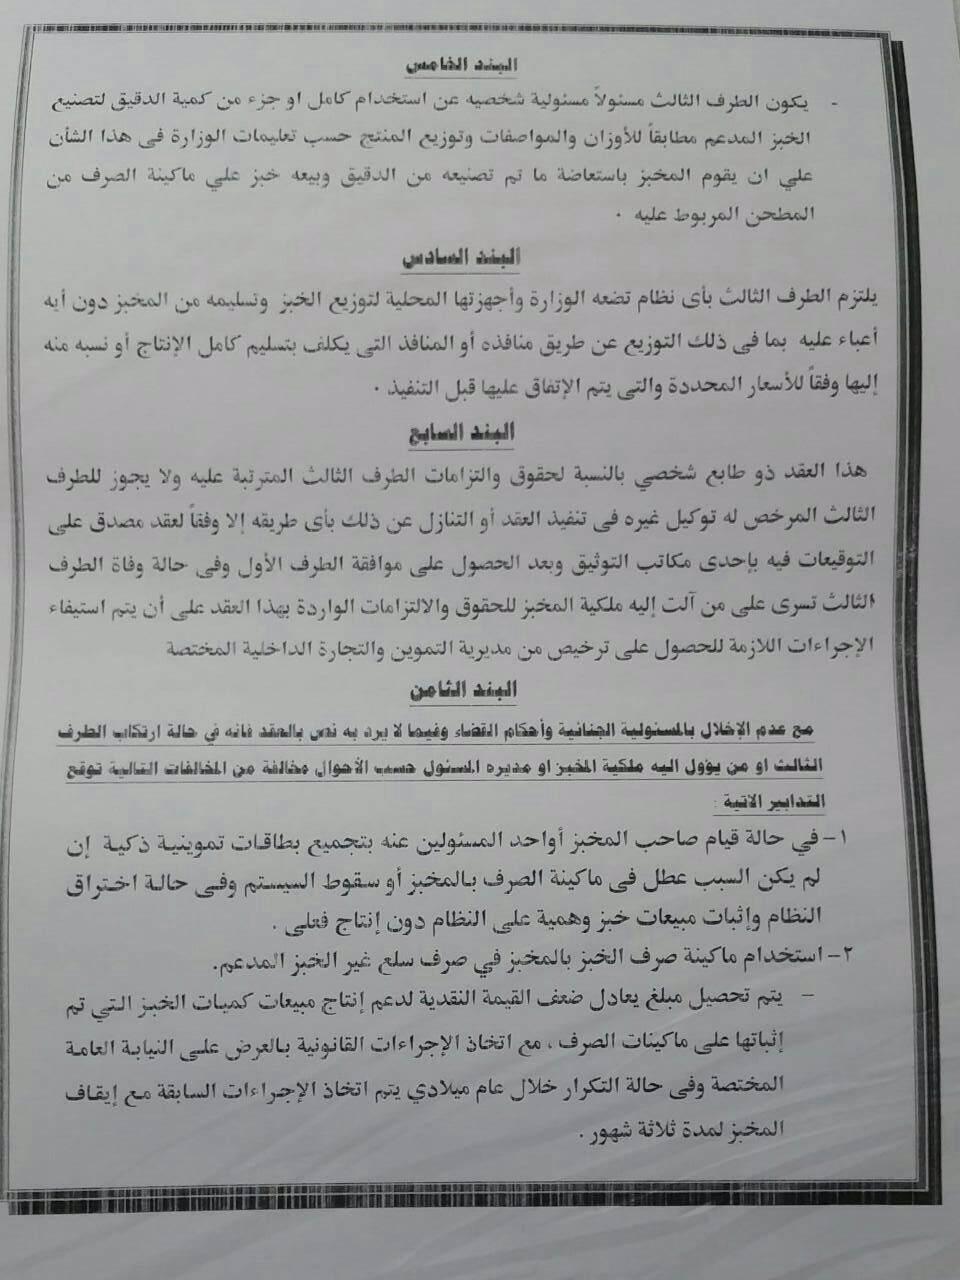 عقد الاتفاق بين التموين والمخابز والمطاحن لإنتاج الخبز المدعم  (3)